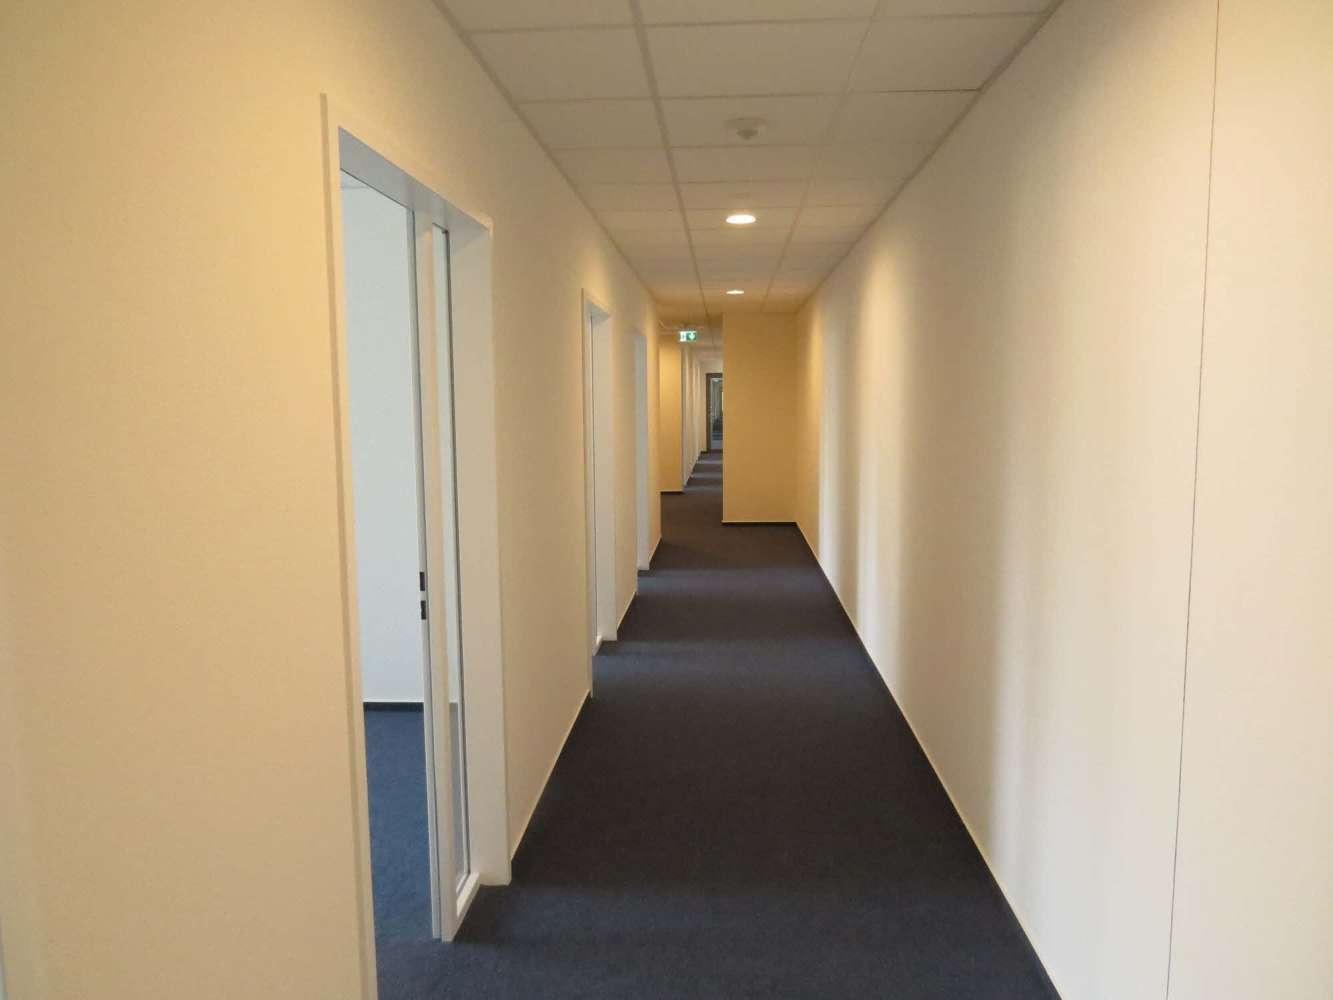 Büros Norderstedt, 22848 - Büro - Norderstedt, Garstedt - H0986 - 9407995